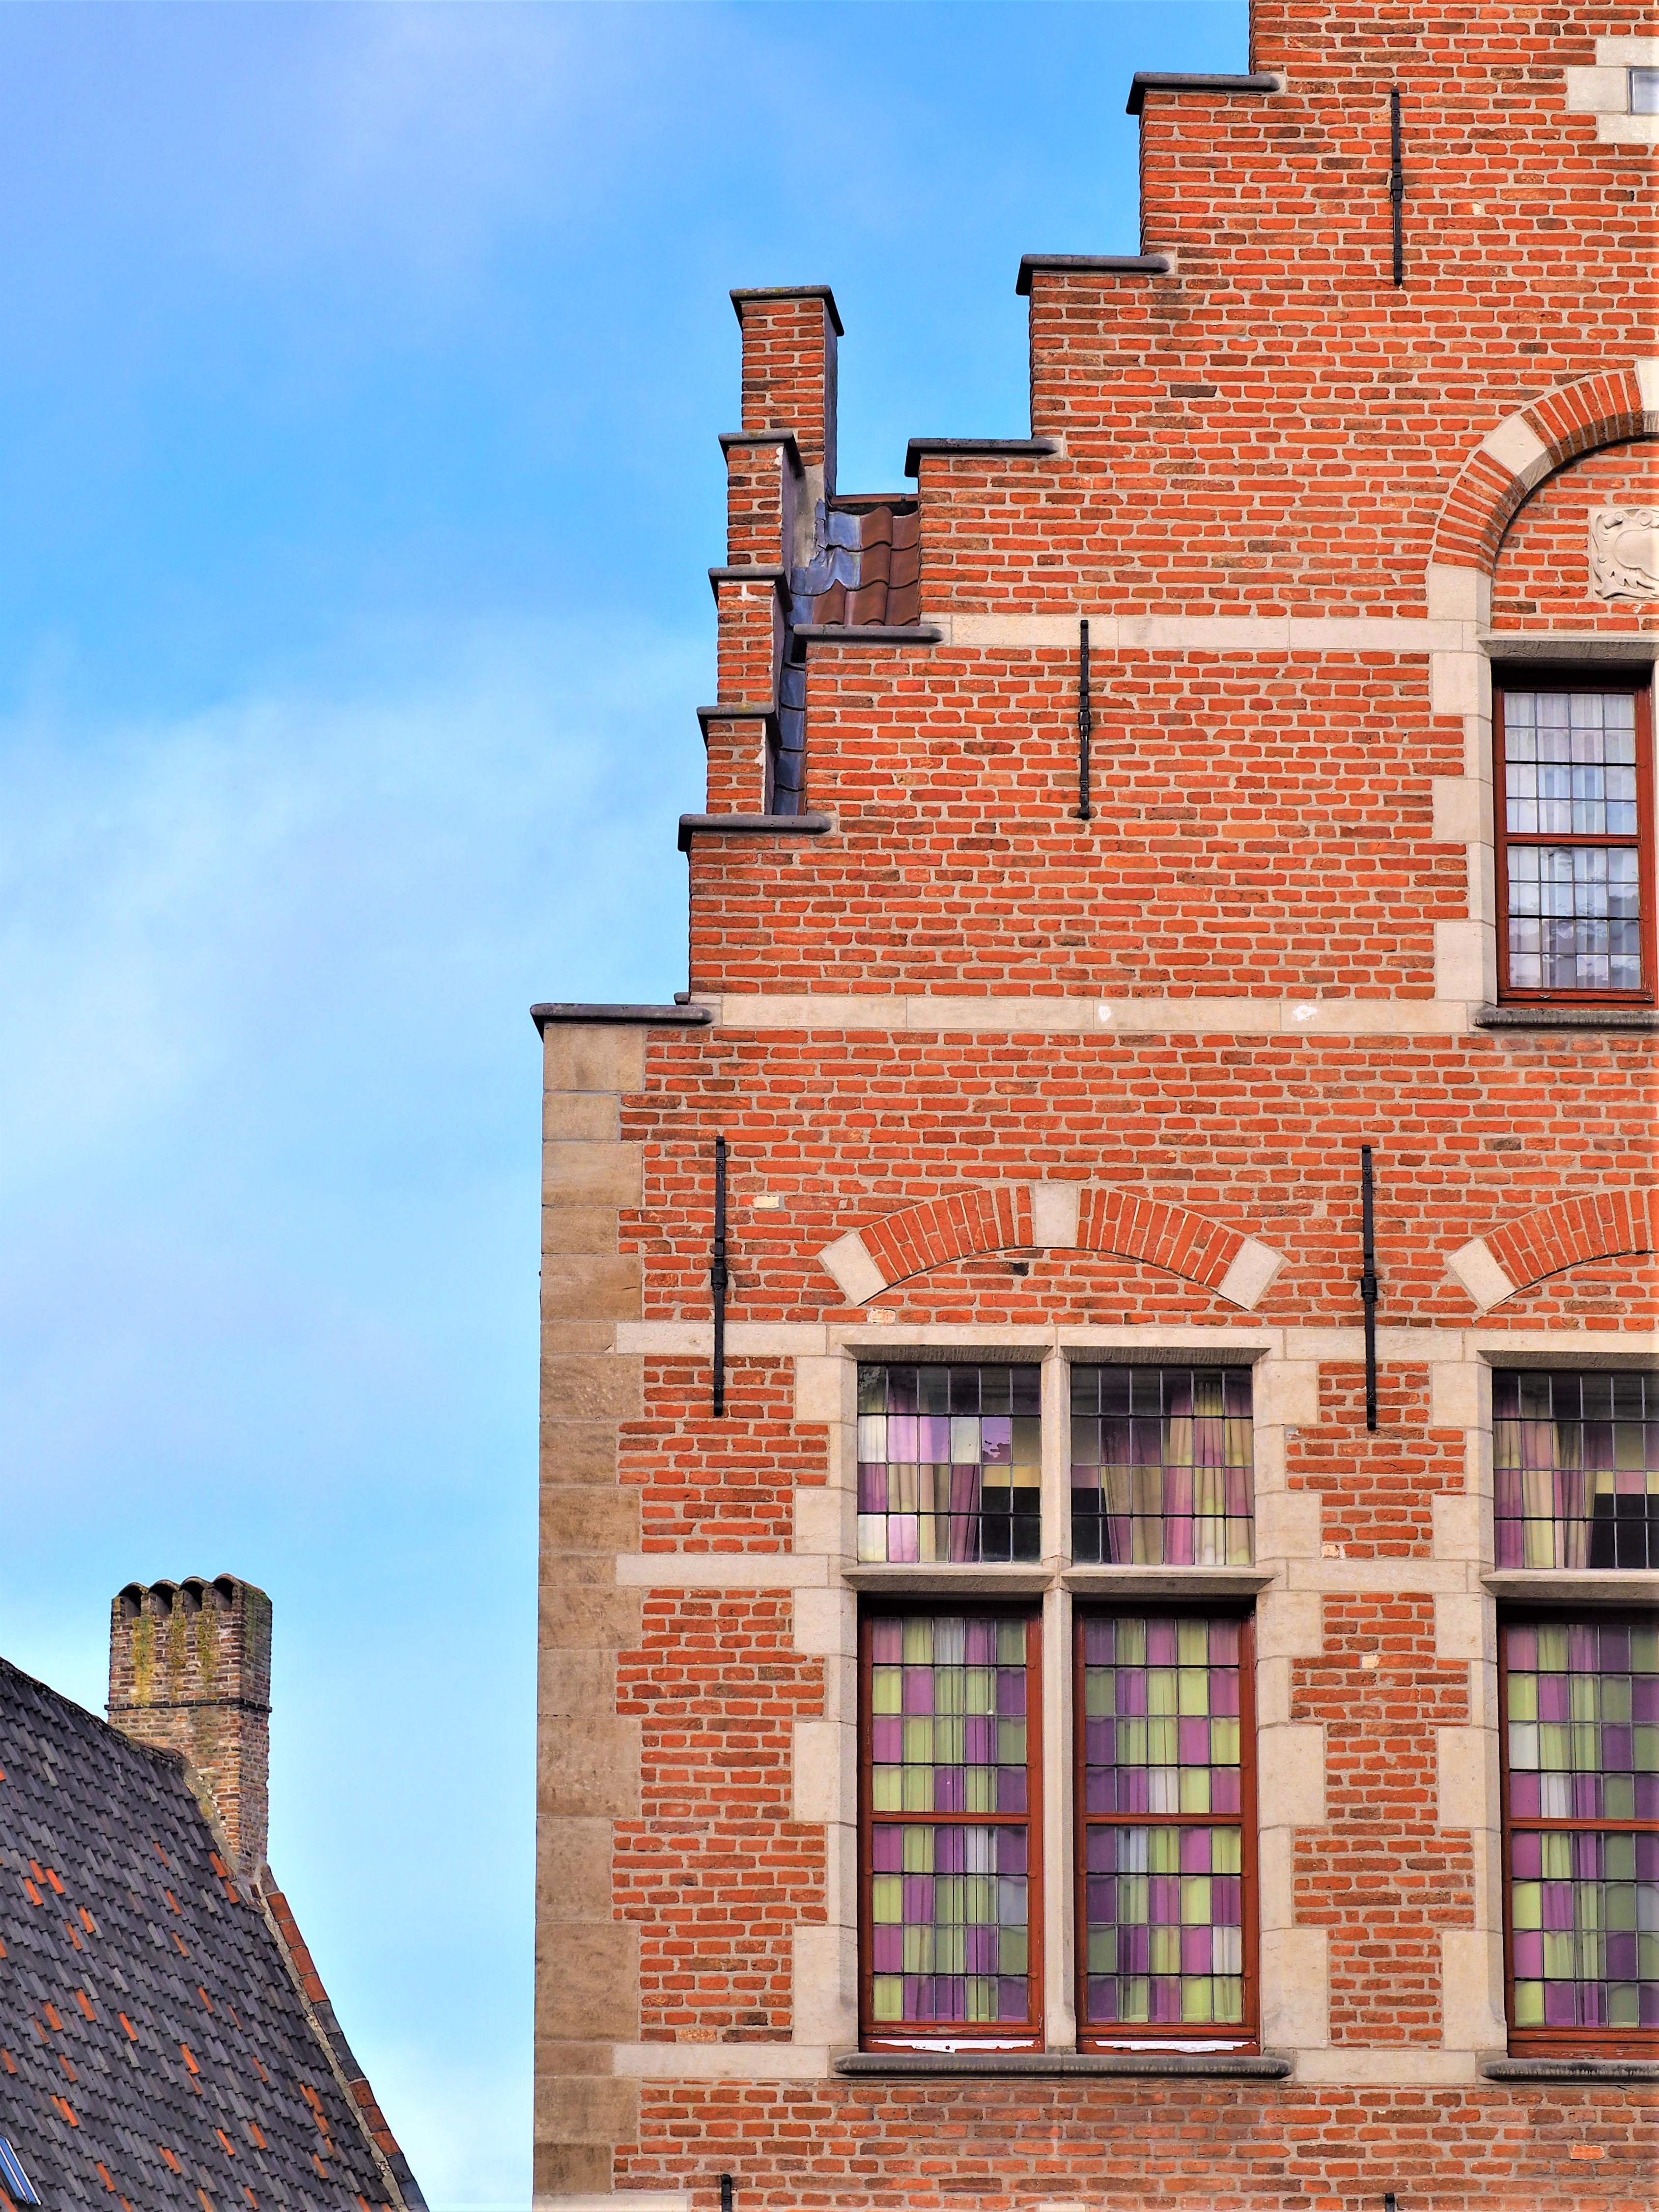 Bruges-Belgique-blog-voyage-clioandco-architecture-batiment.